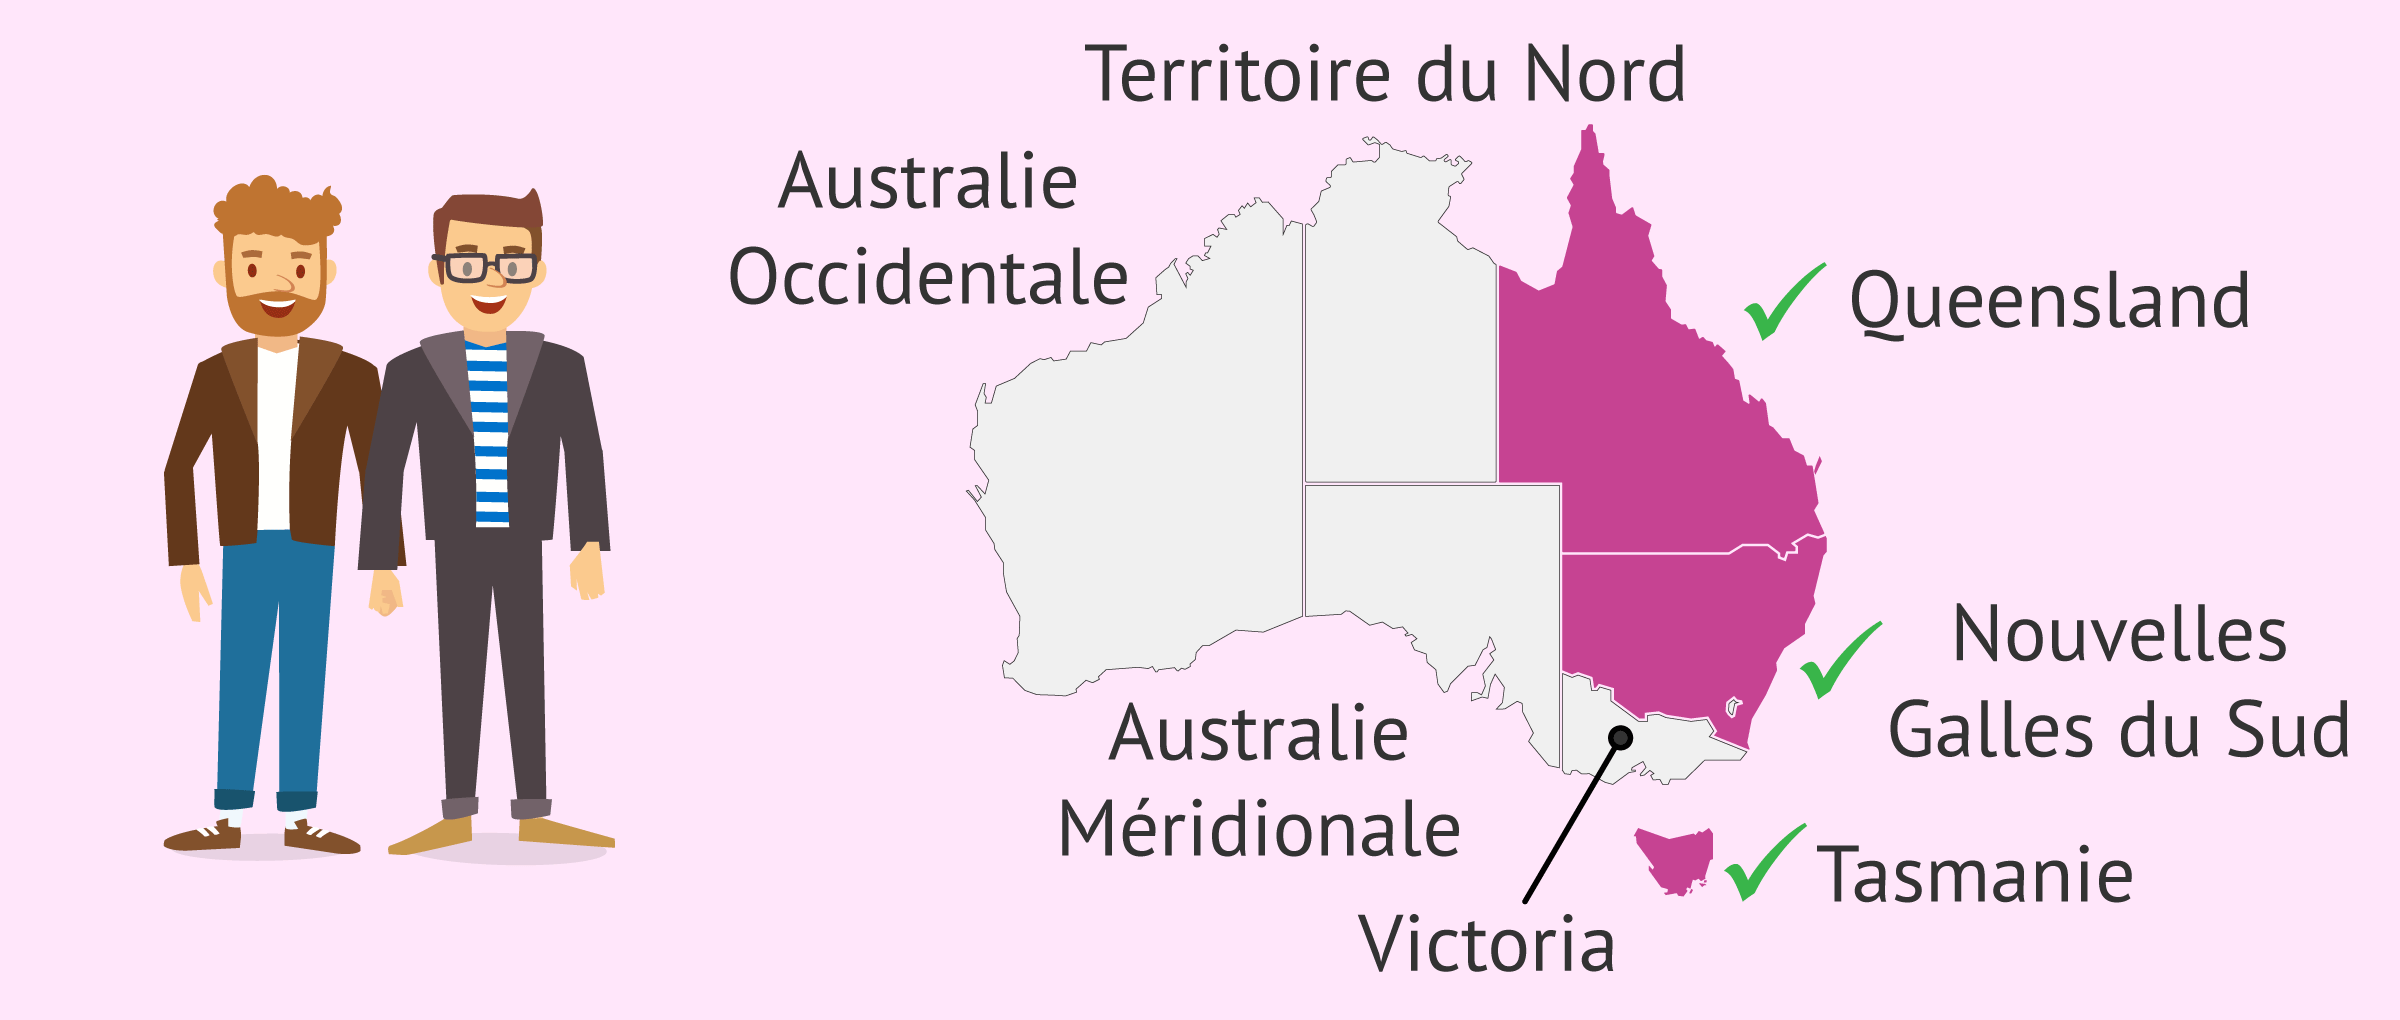 La gestation pour autrui pour les gays en Australie